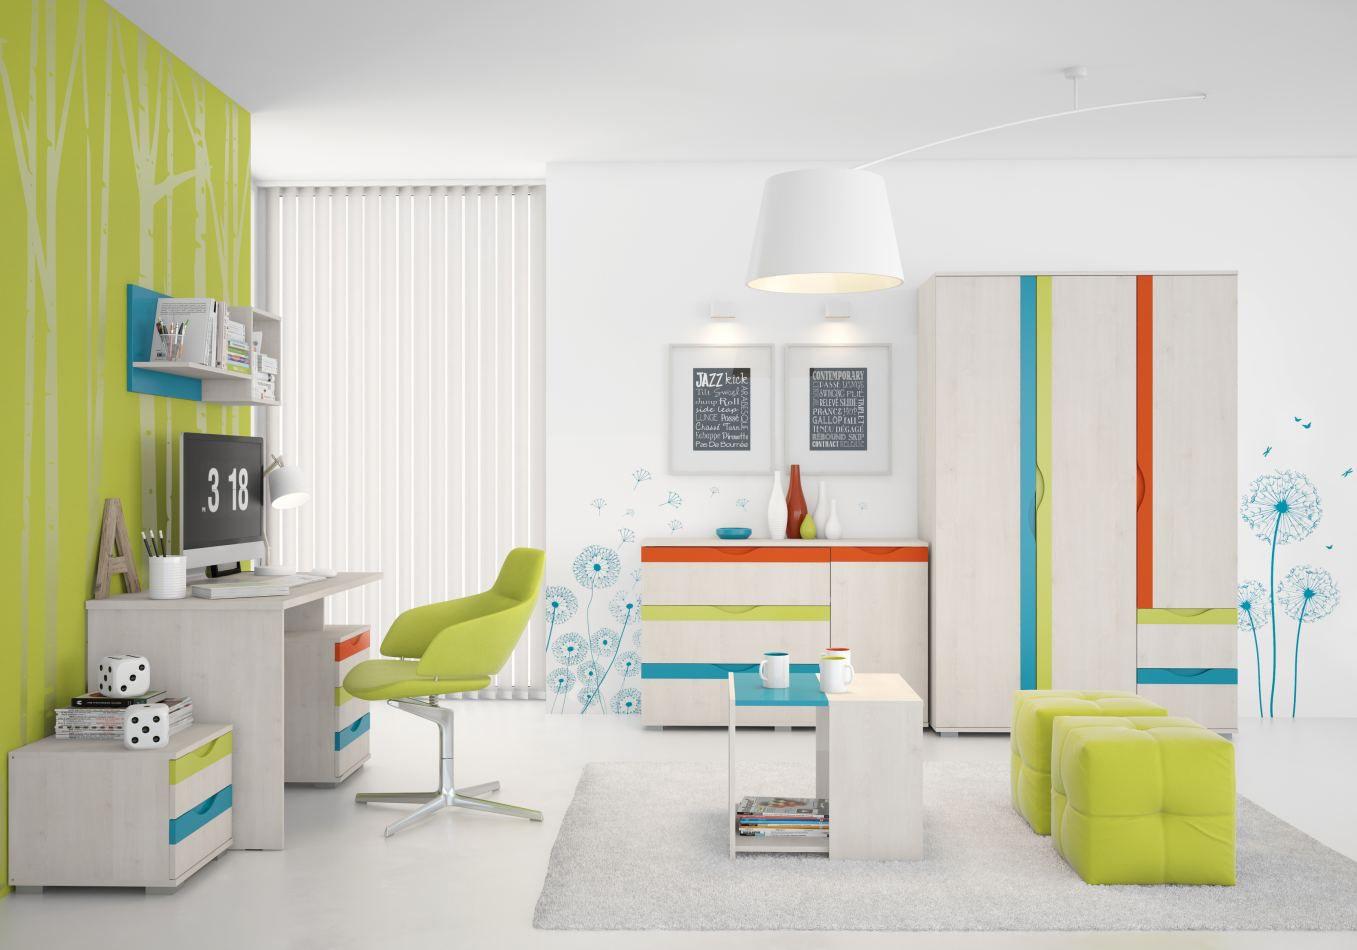 Kinderzimmer Komplett - Set C Peter, 6-teilig, Farbe: Kiefer Weiß / Orange / Gelb / Türkis